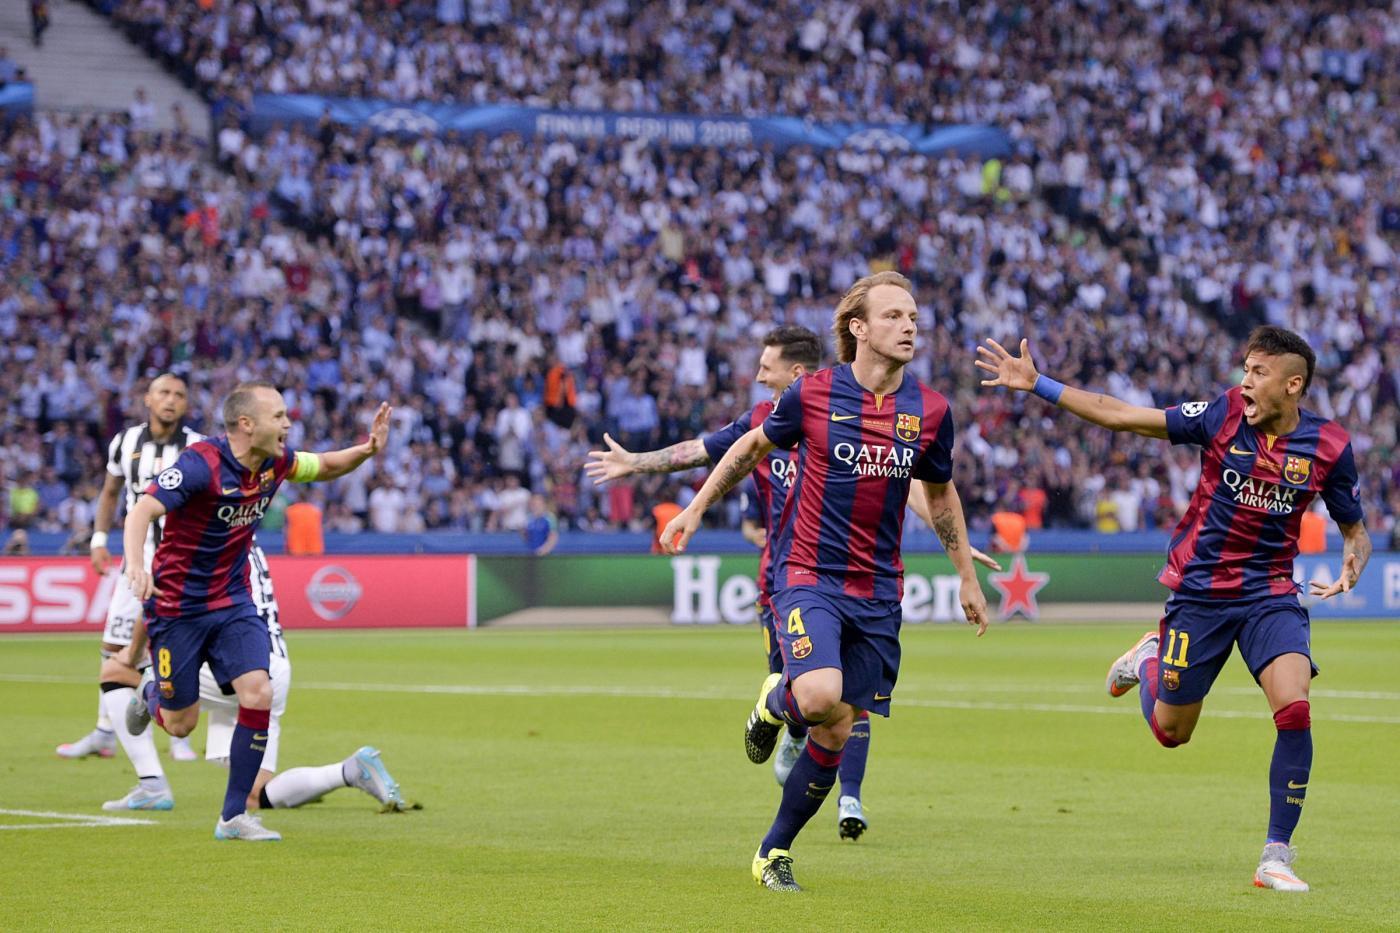 Calciomercato Juventus, al lavoro per Gomes del Barcellona